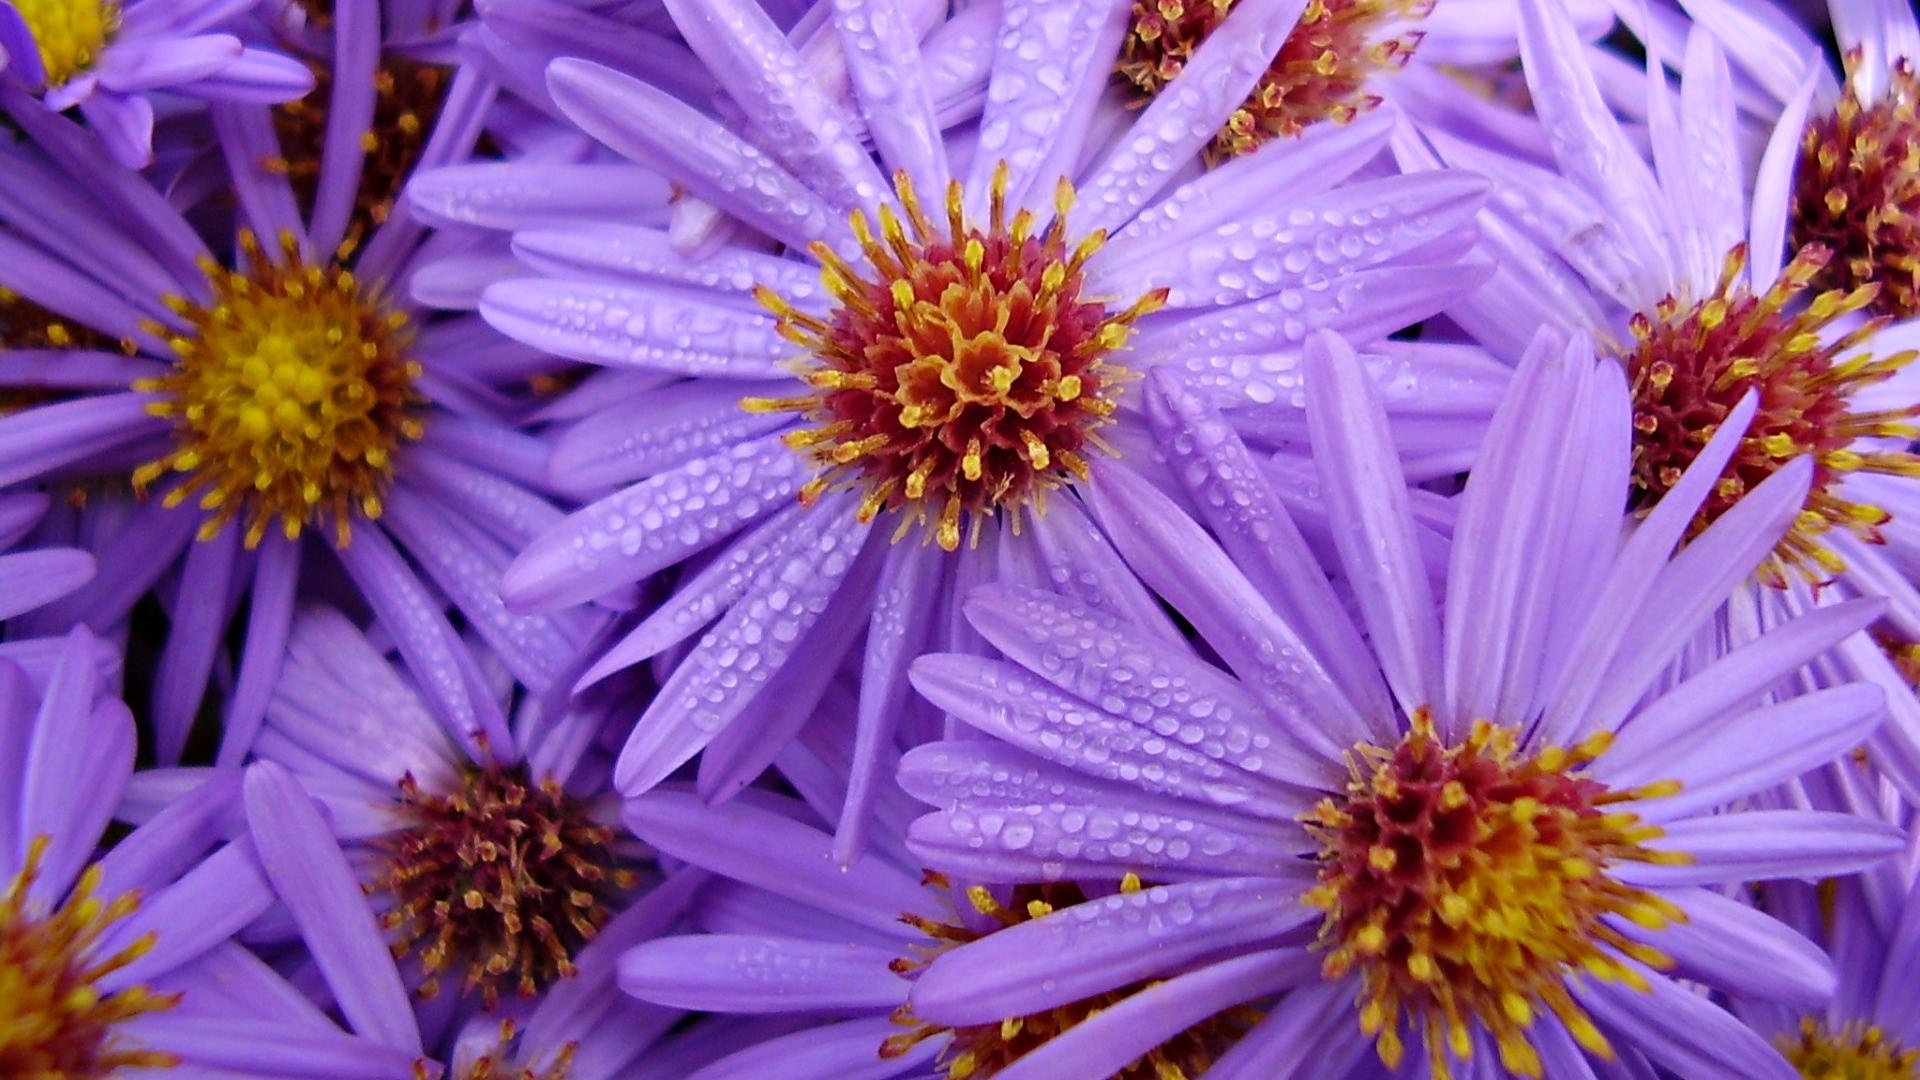 Обои на рабочий стол Цветы хризантемы   подборка (26)